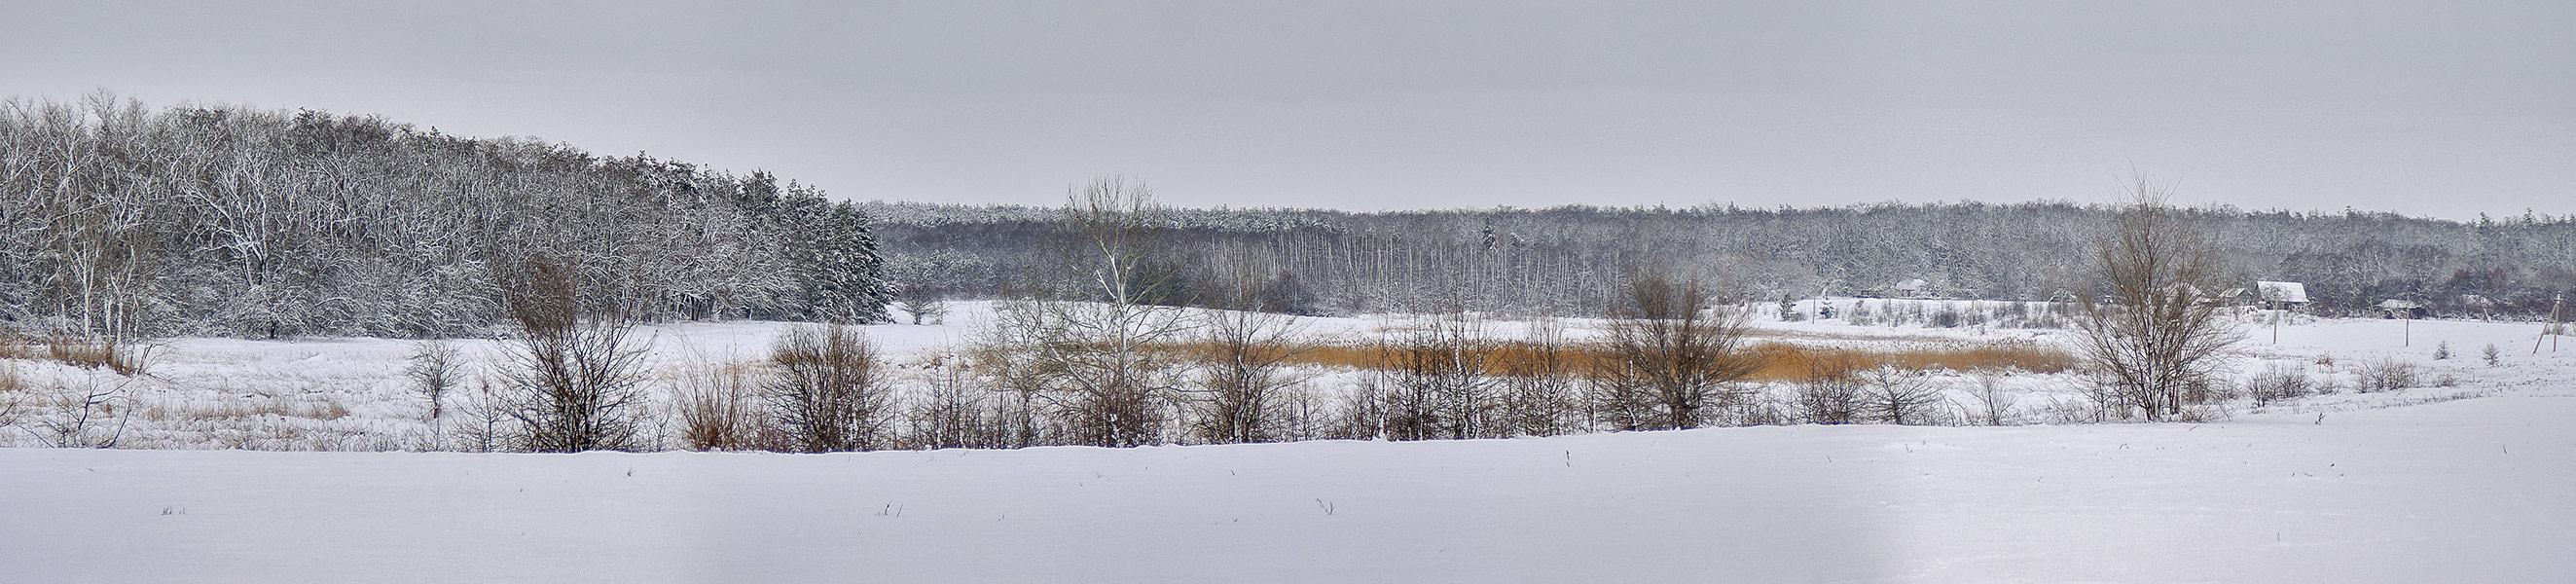 После снегопада, с.Могилёв